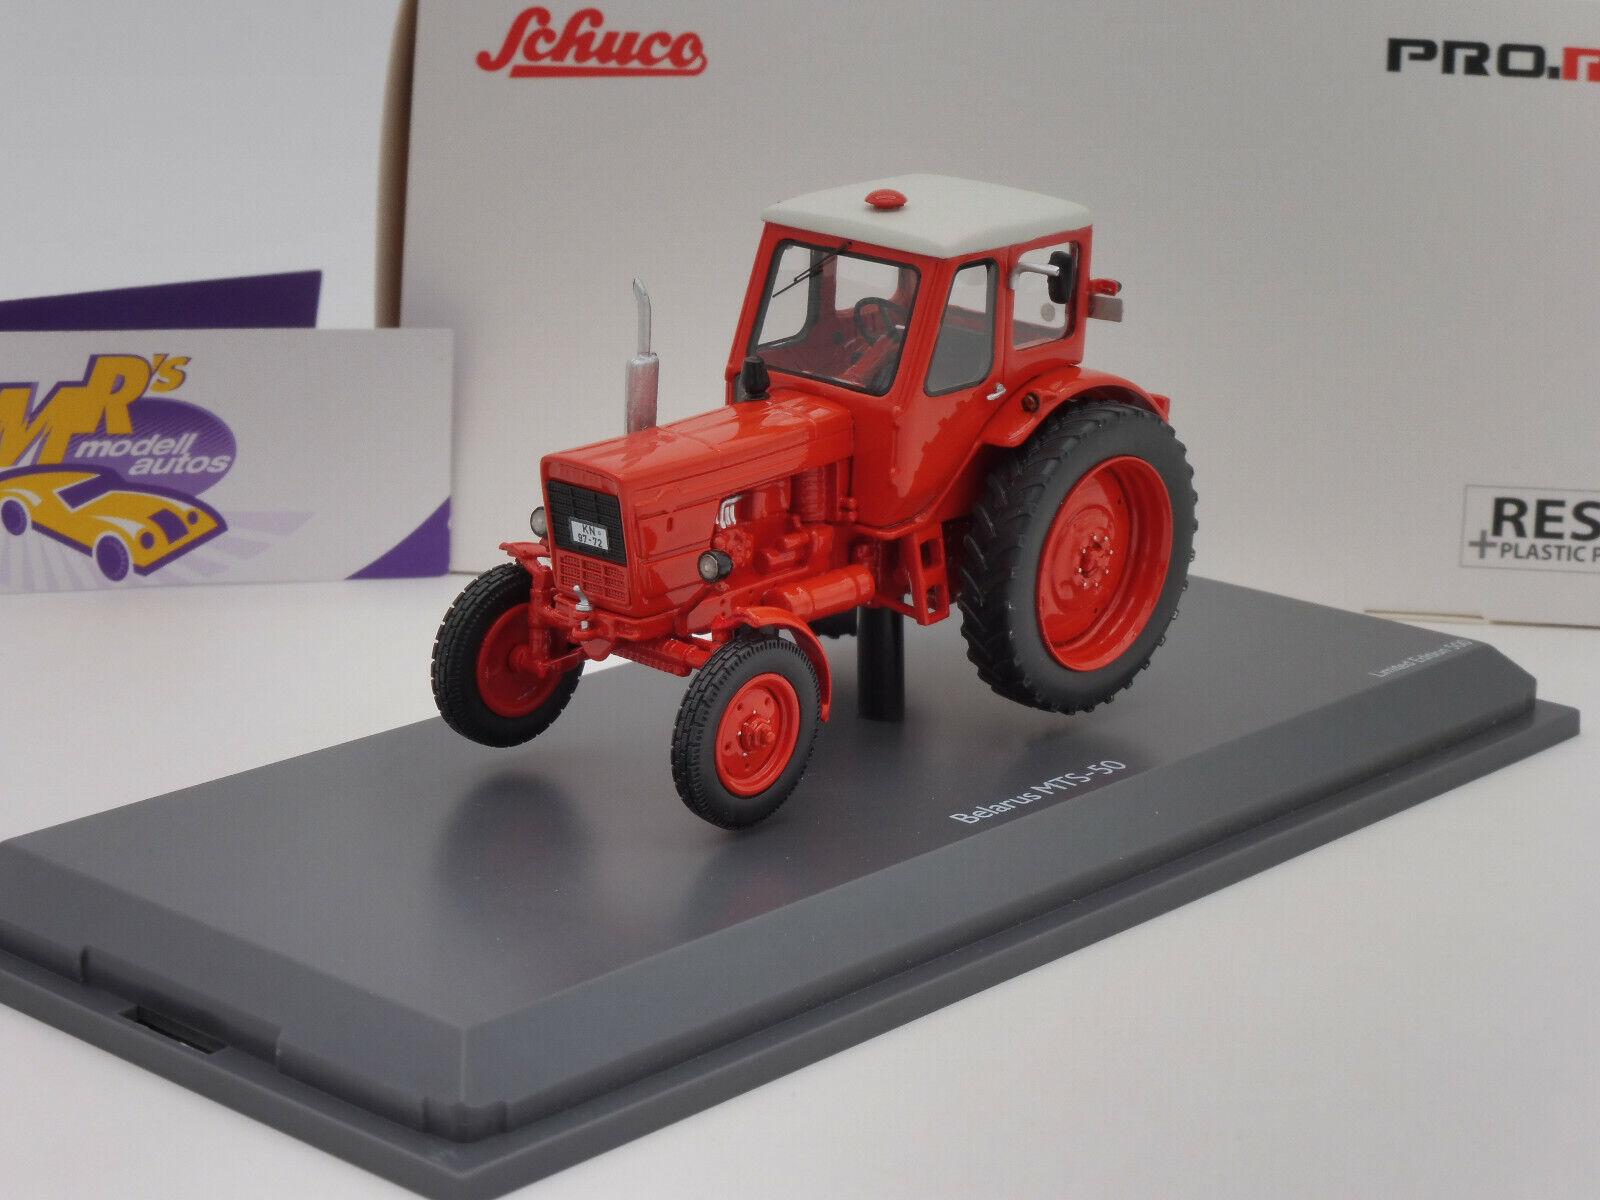 venta con descuento Schuco pro. R 09069   Belarús tractor mts-50 año año año 1961 en  Naranja  1 43 nuevo  servicio considerado